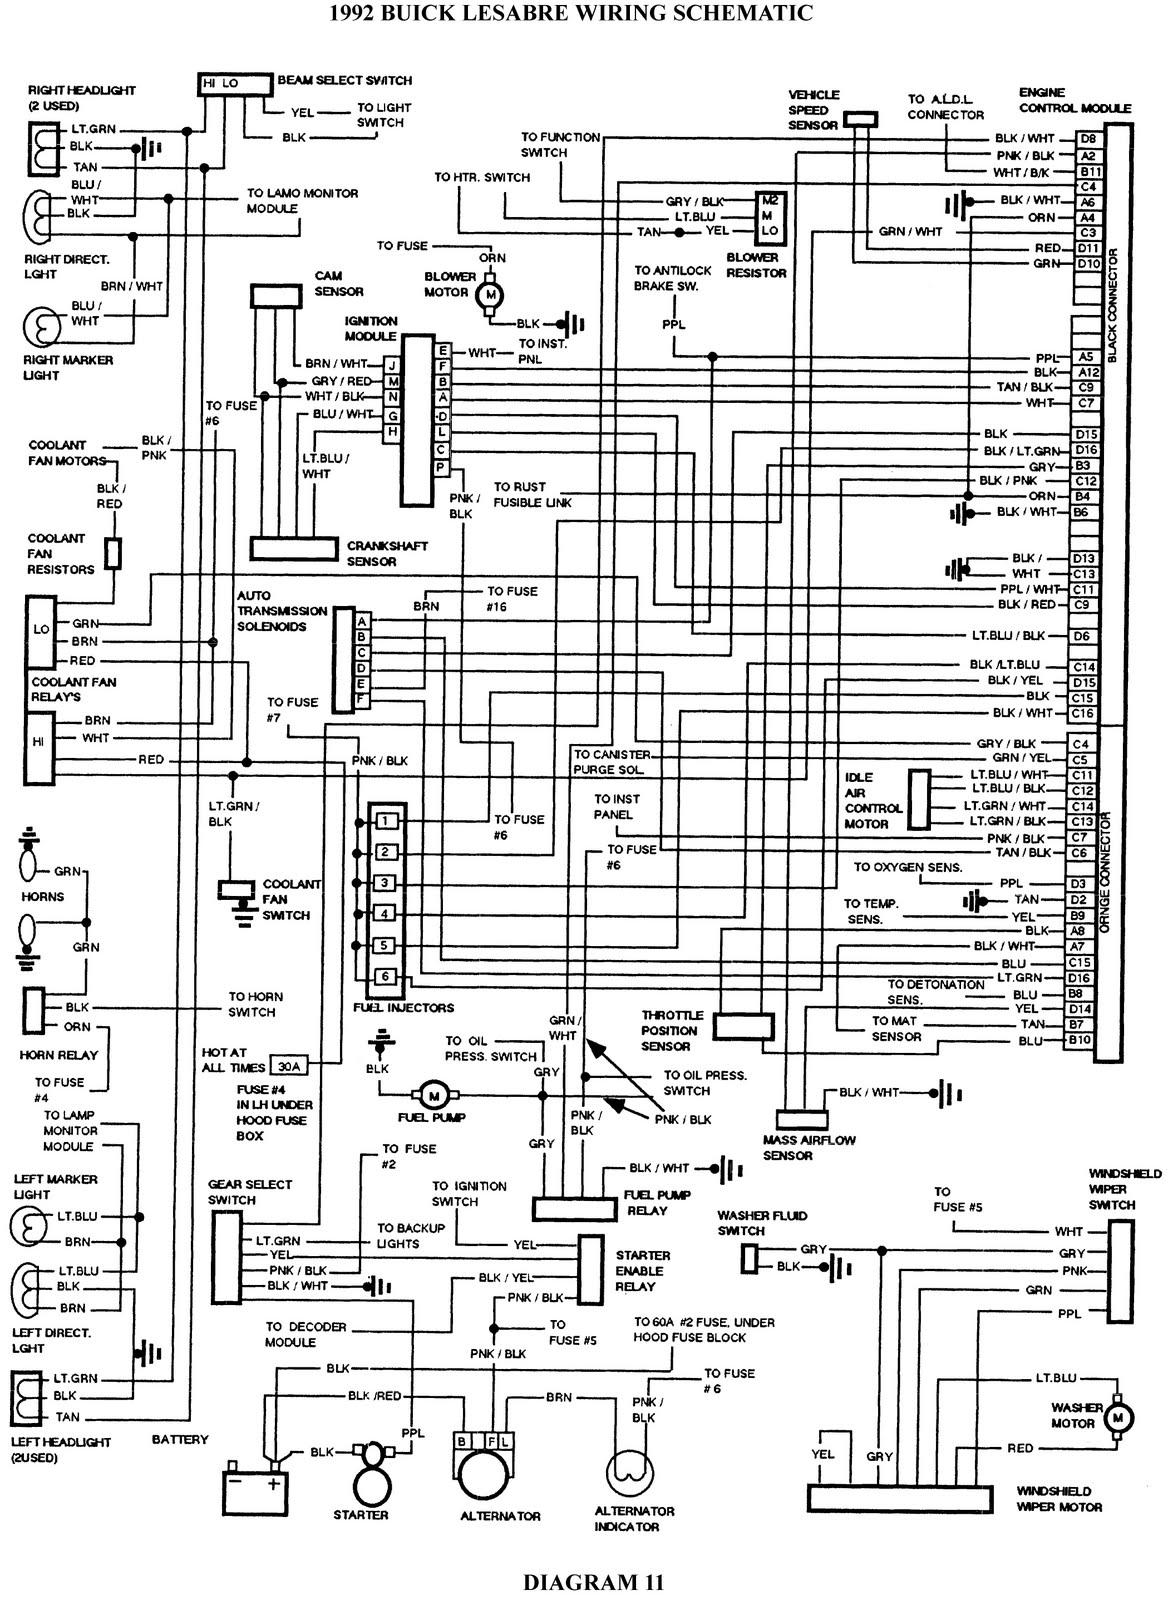 trombetta pull solenoid wiring diagram